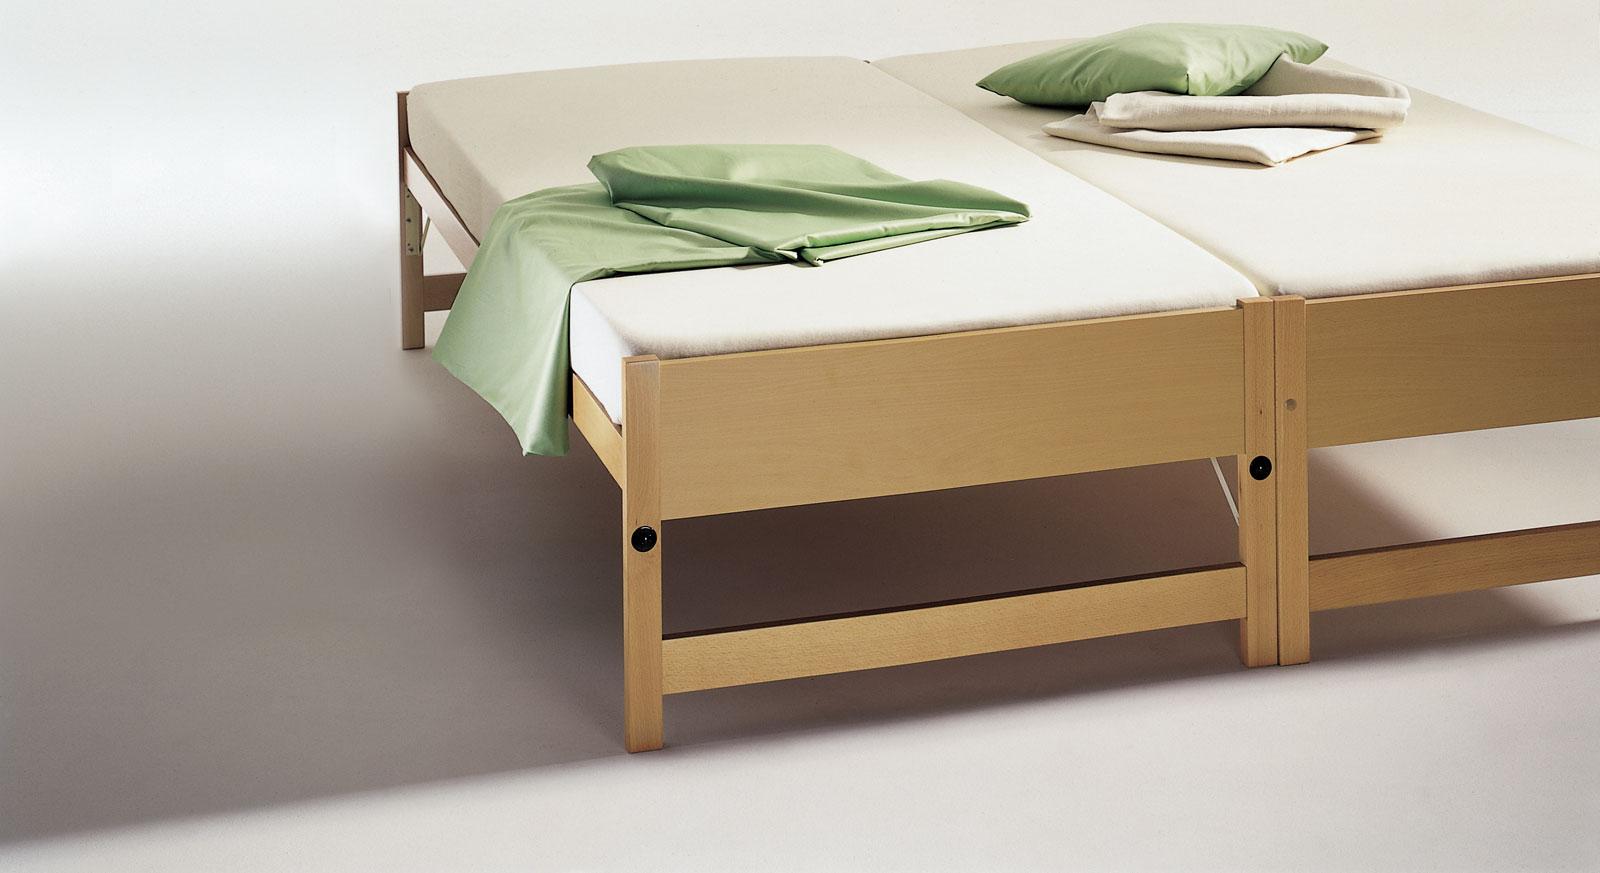 Full Size of Bett Ausklappbar Zum Doppelbett Ausklappbares Schrank Sofa Mit Wohnzimmer Klappbares Doppelbett